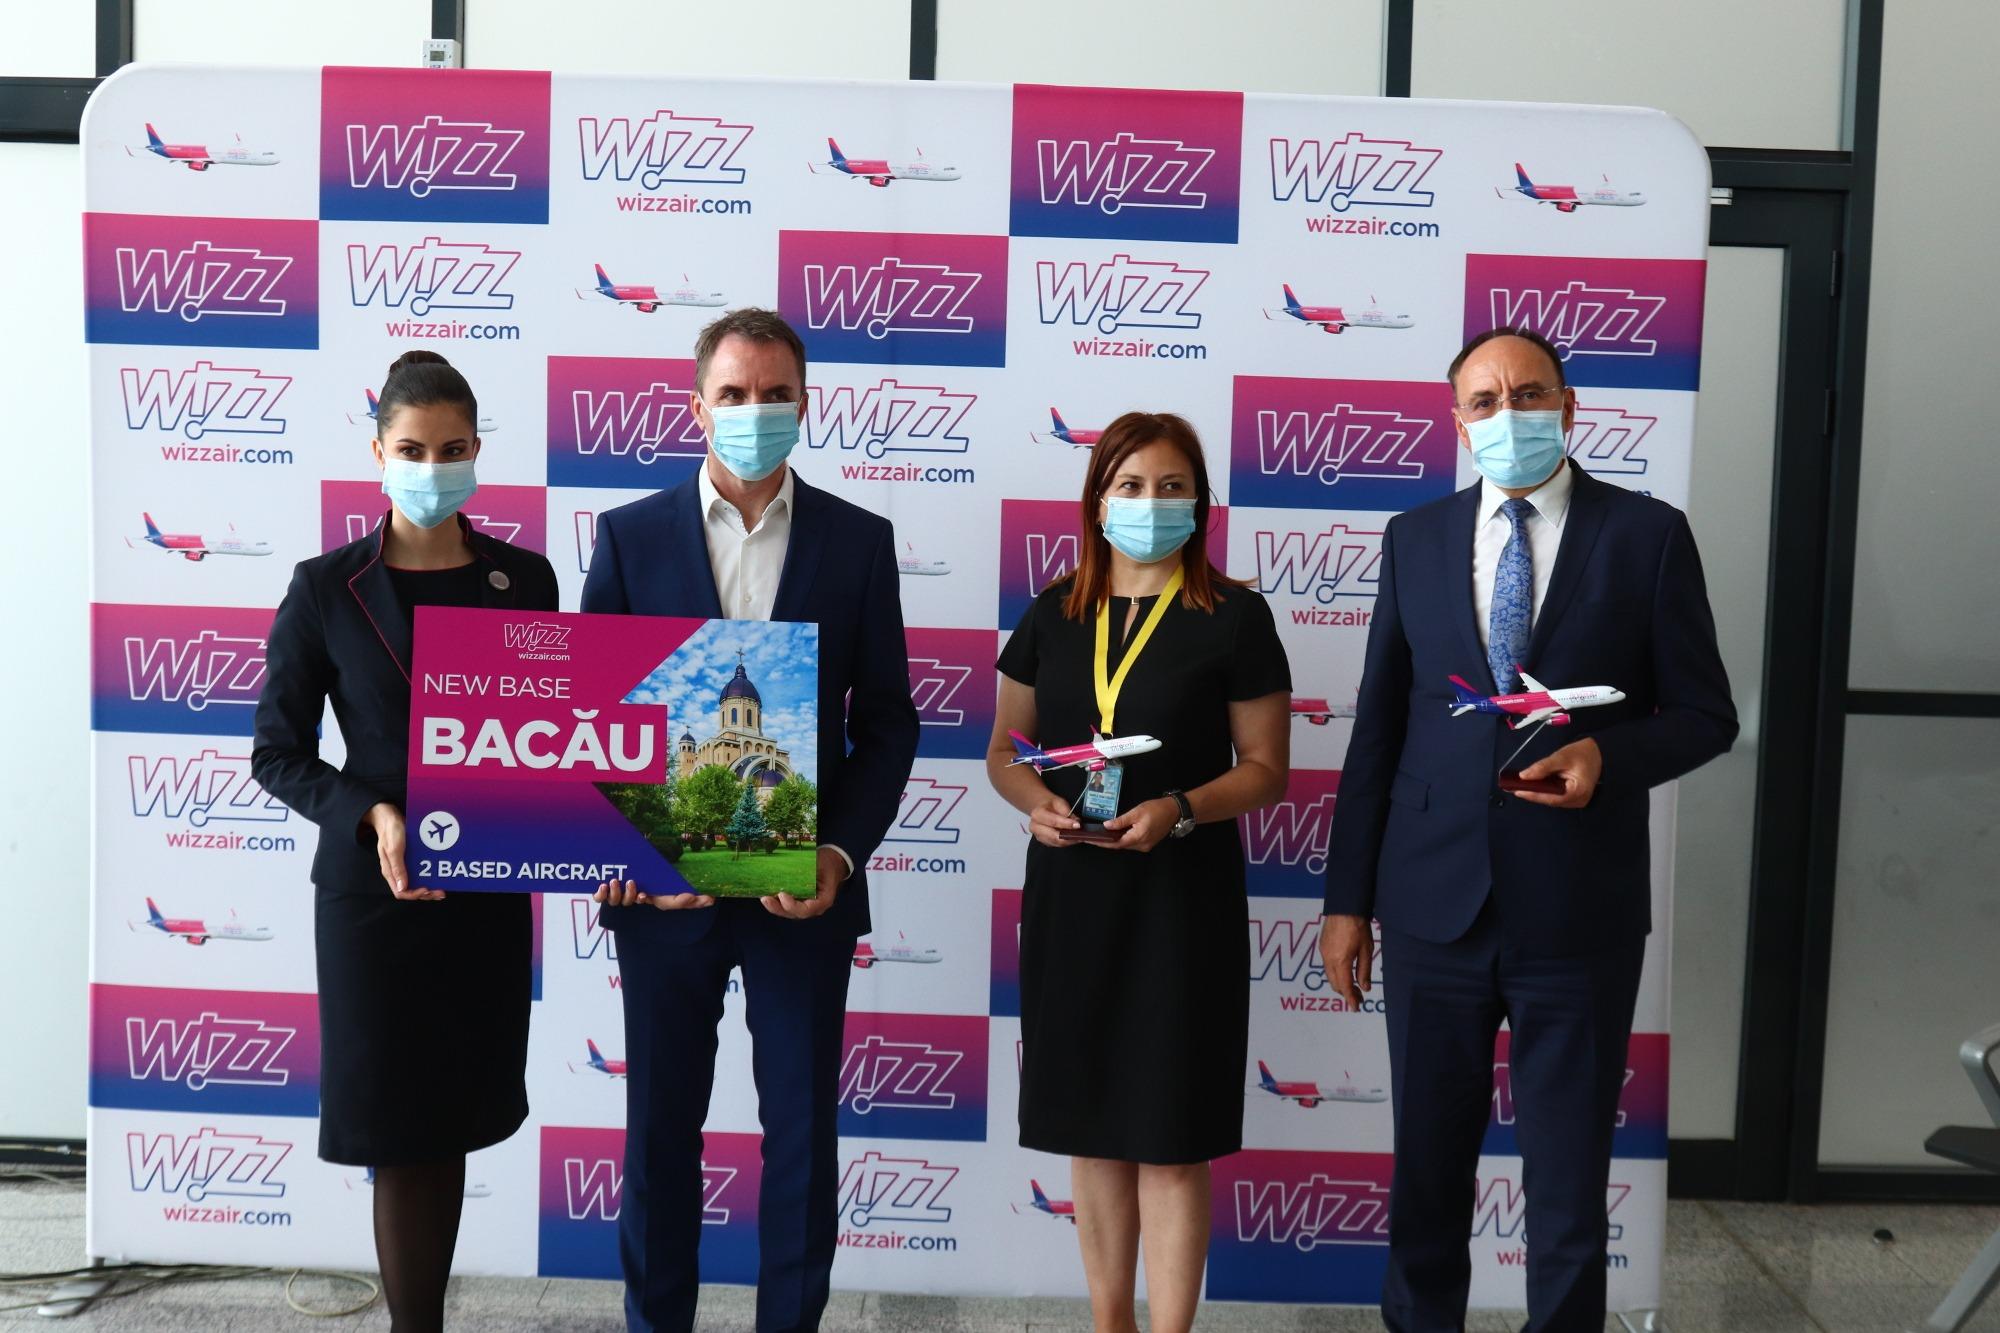 noua-baza-wizz-air-bacau-12-rute-noi